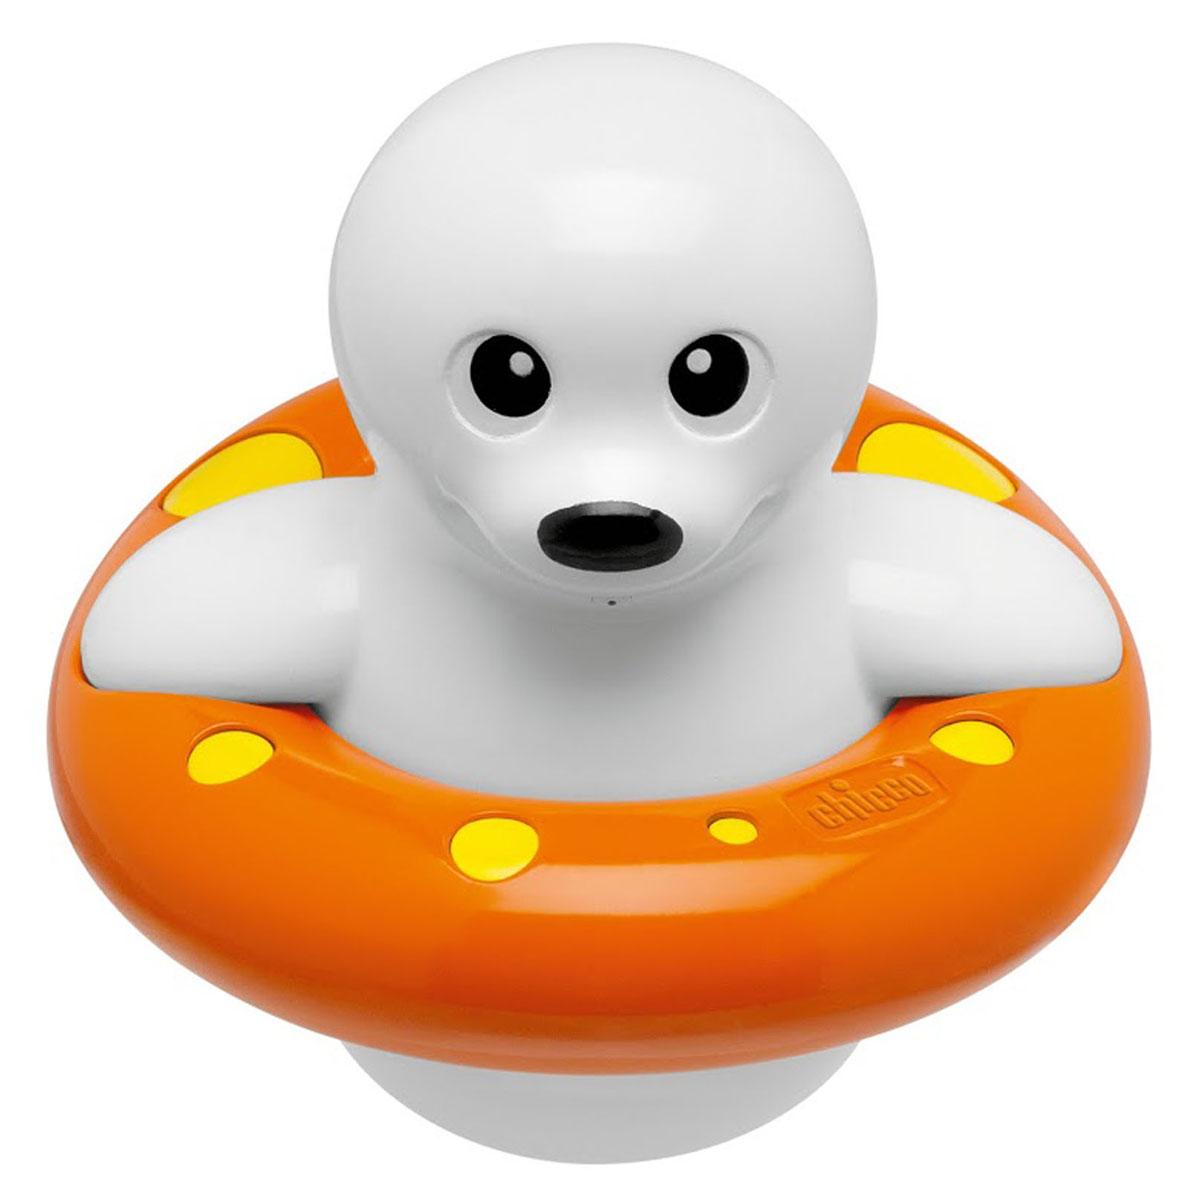 Игрушка для ванны Chicco Морской котик00005191000000Игрушка для ванны Chicco Морской котик понравится вашему ребенку и превратит купание в веселую игру! Она выполнена из безопасного прочного пластика в виде забавного морского котика, плавающего с кругом. Если нажать на кнопку, расположенную на голове морского котика, то он брызнет тонкой струйкой воды, что, несомненно, позабавит малыша. Достаточно повернуть хвост морского котика, чтобы увидеть как он поплывет. Игрушка Морской котик способствует развитию воображения, цветового восприятия, тактильных ощущений и мелкой моторики рук.